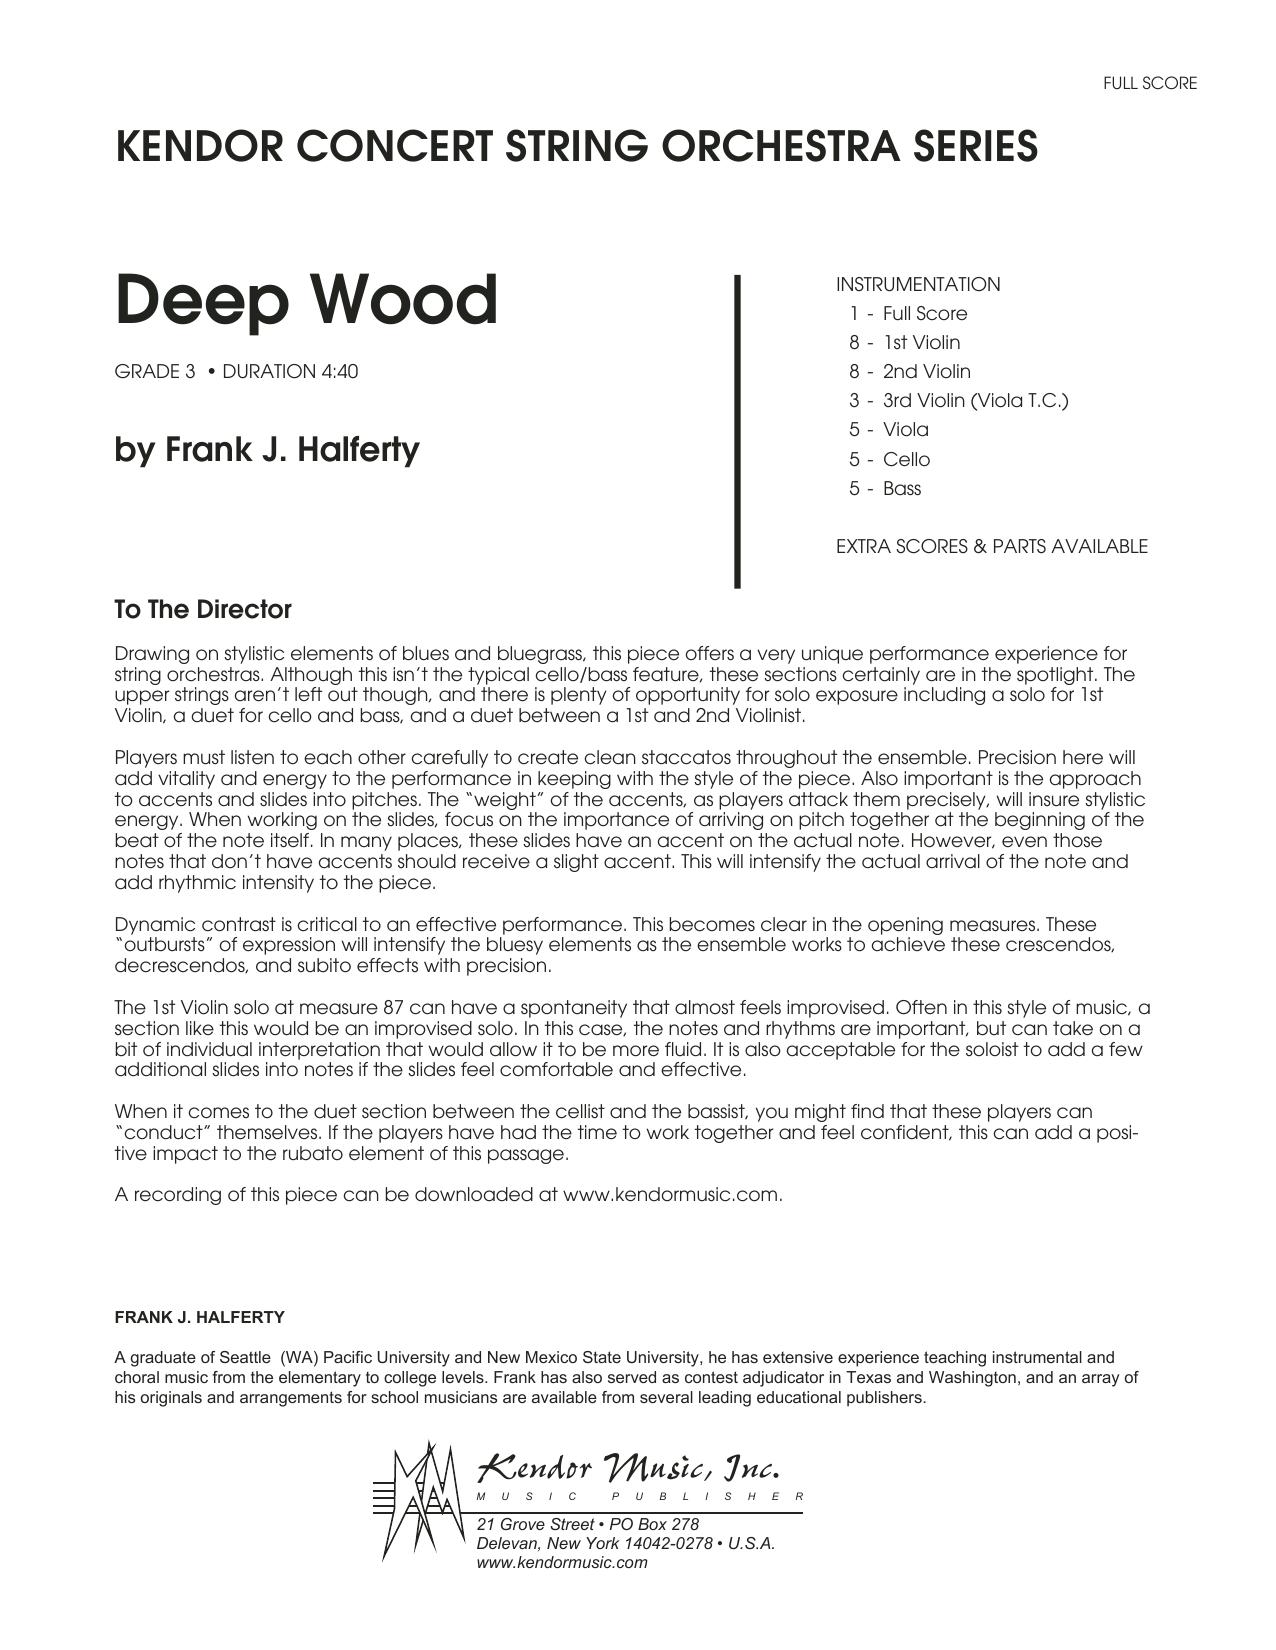 Deep Wood - Full Score